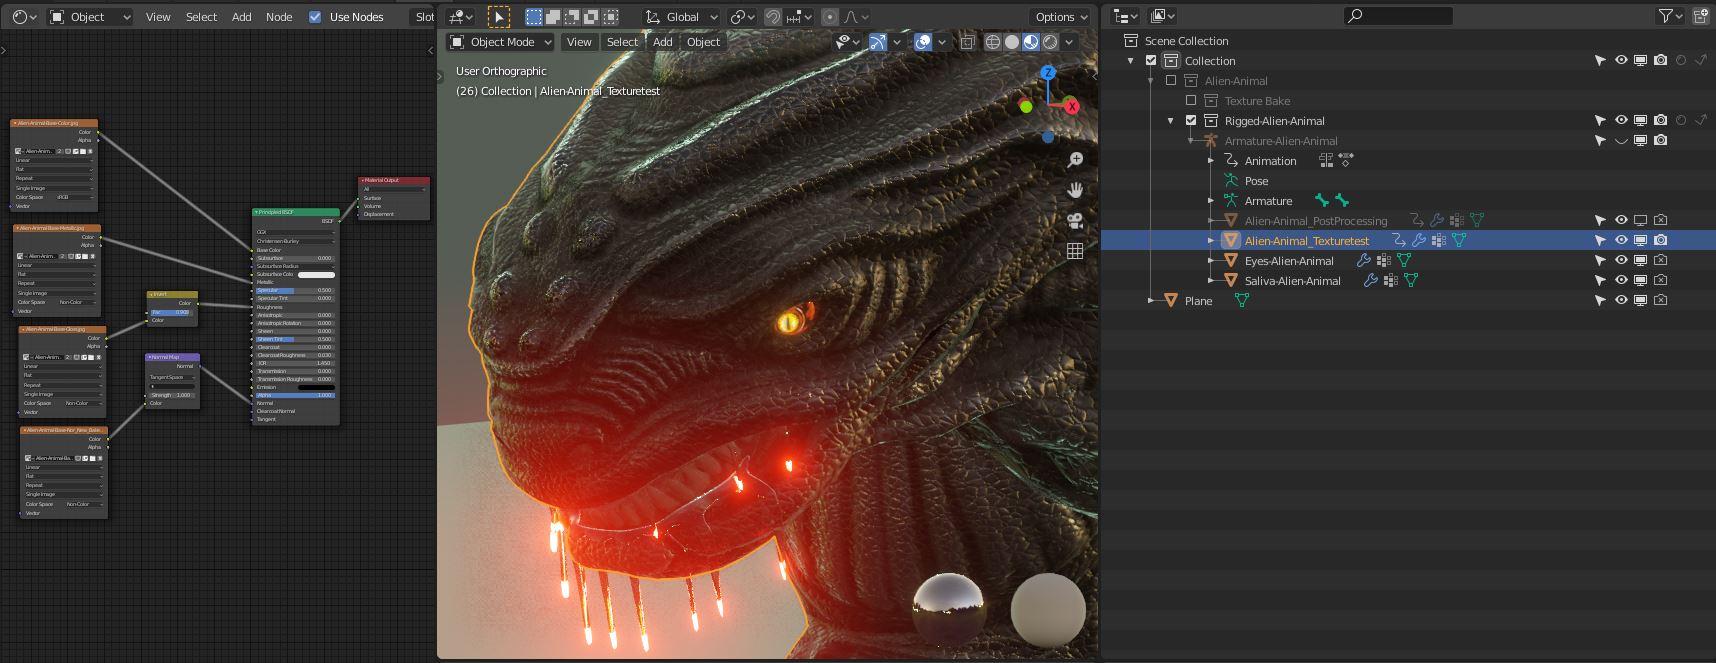 Object-Alien-Animal_Texturetest_2